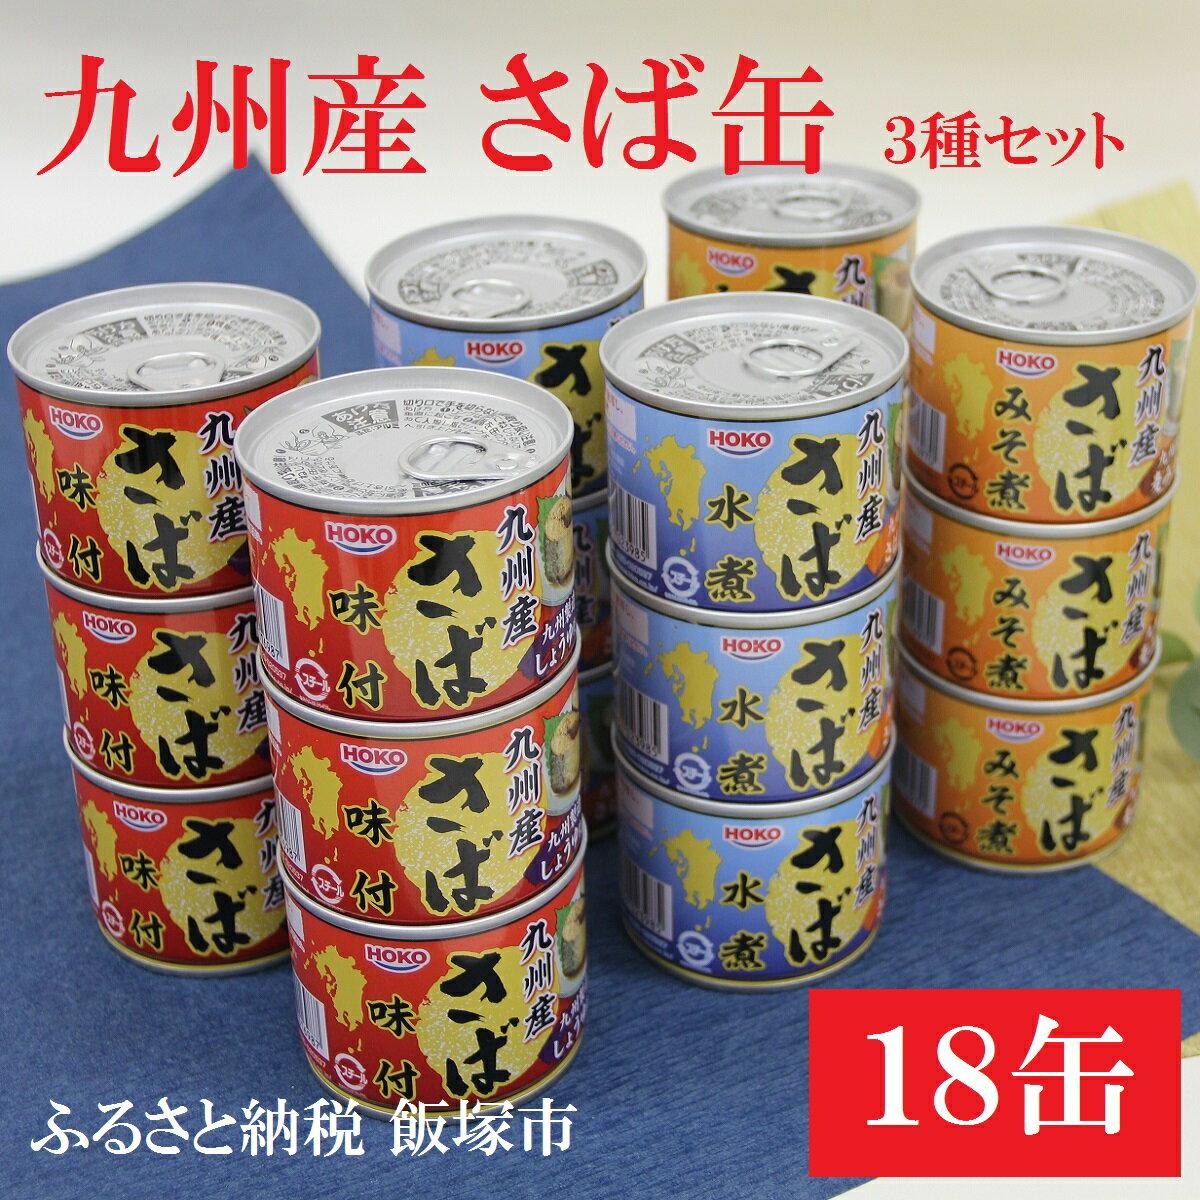 【ふるさと納税】【A181】九州産 さば缶セット(18缶セット)